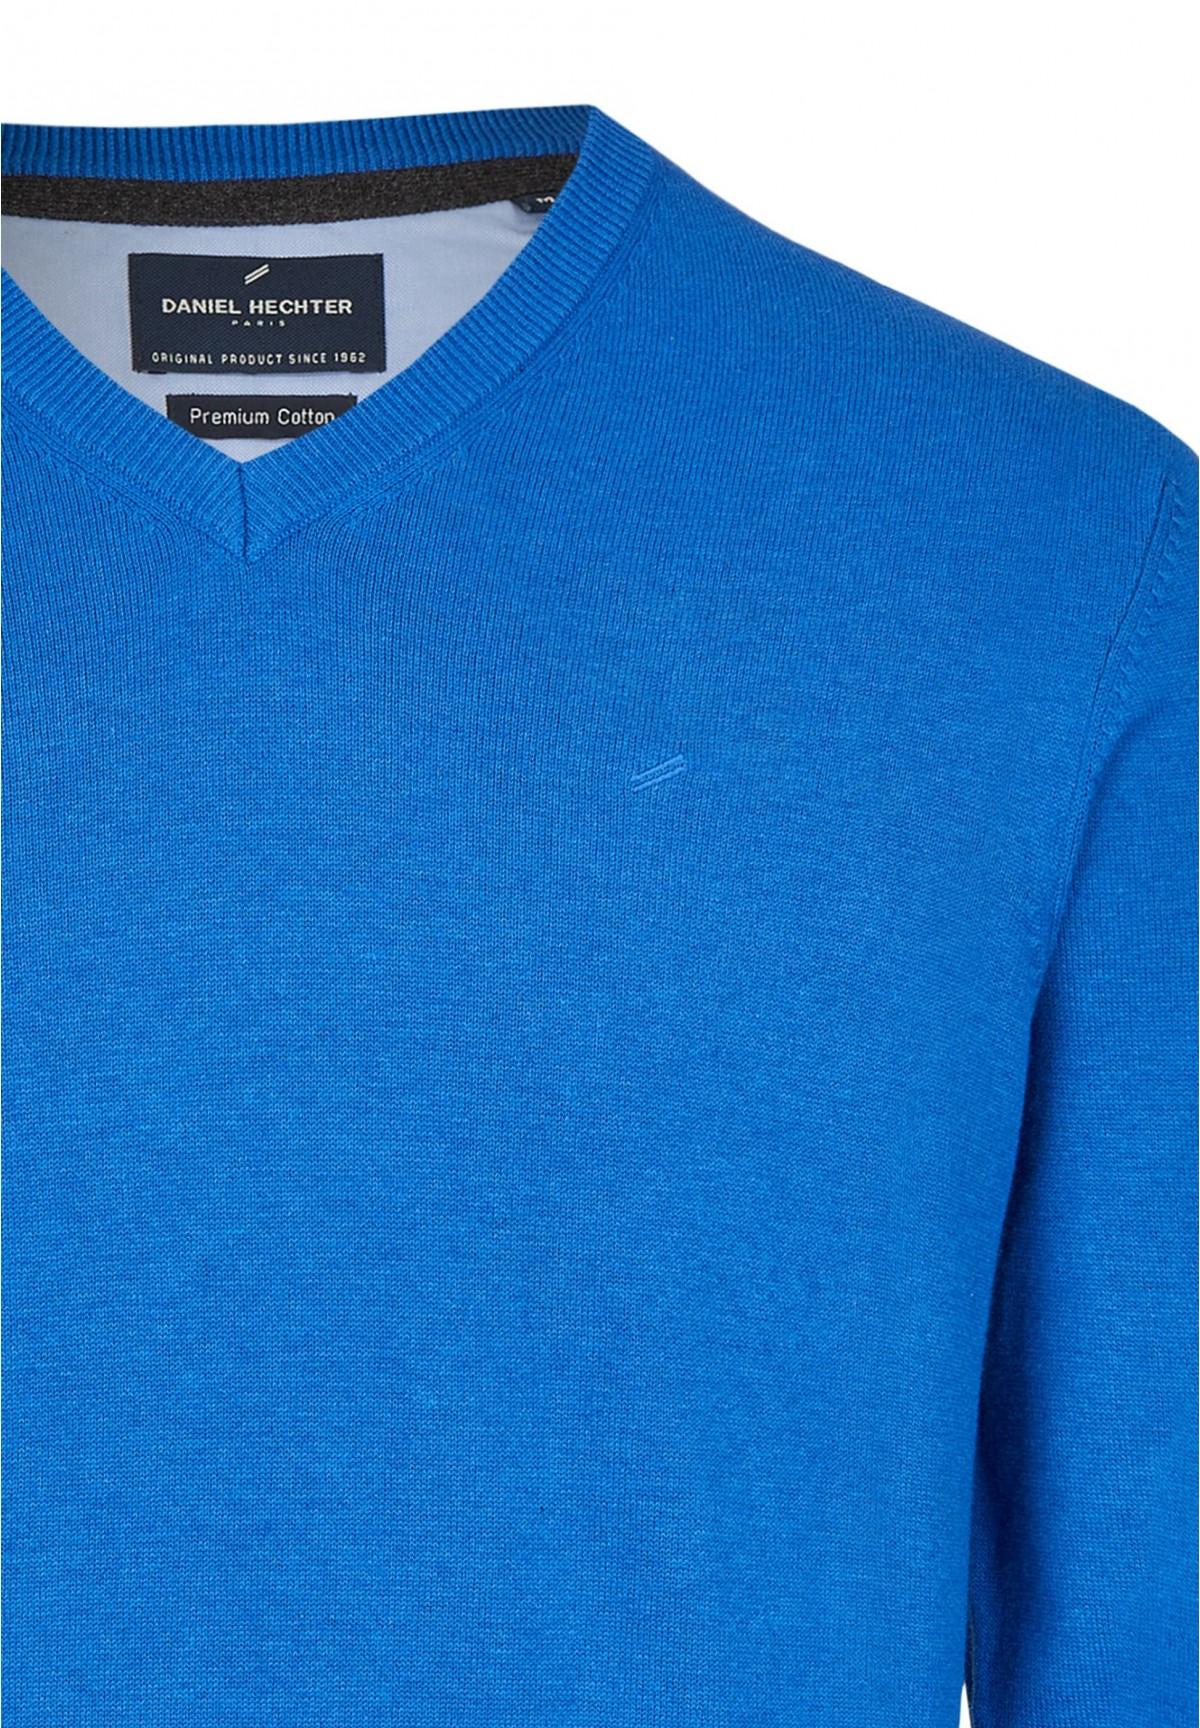 Essential-Pullover mit V-Ausschnitt / Essential-Pullover mit V-Ausschnitt